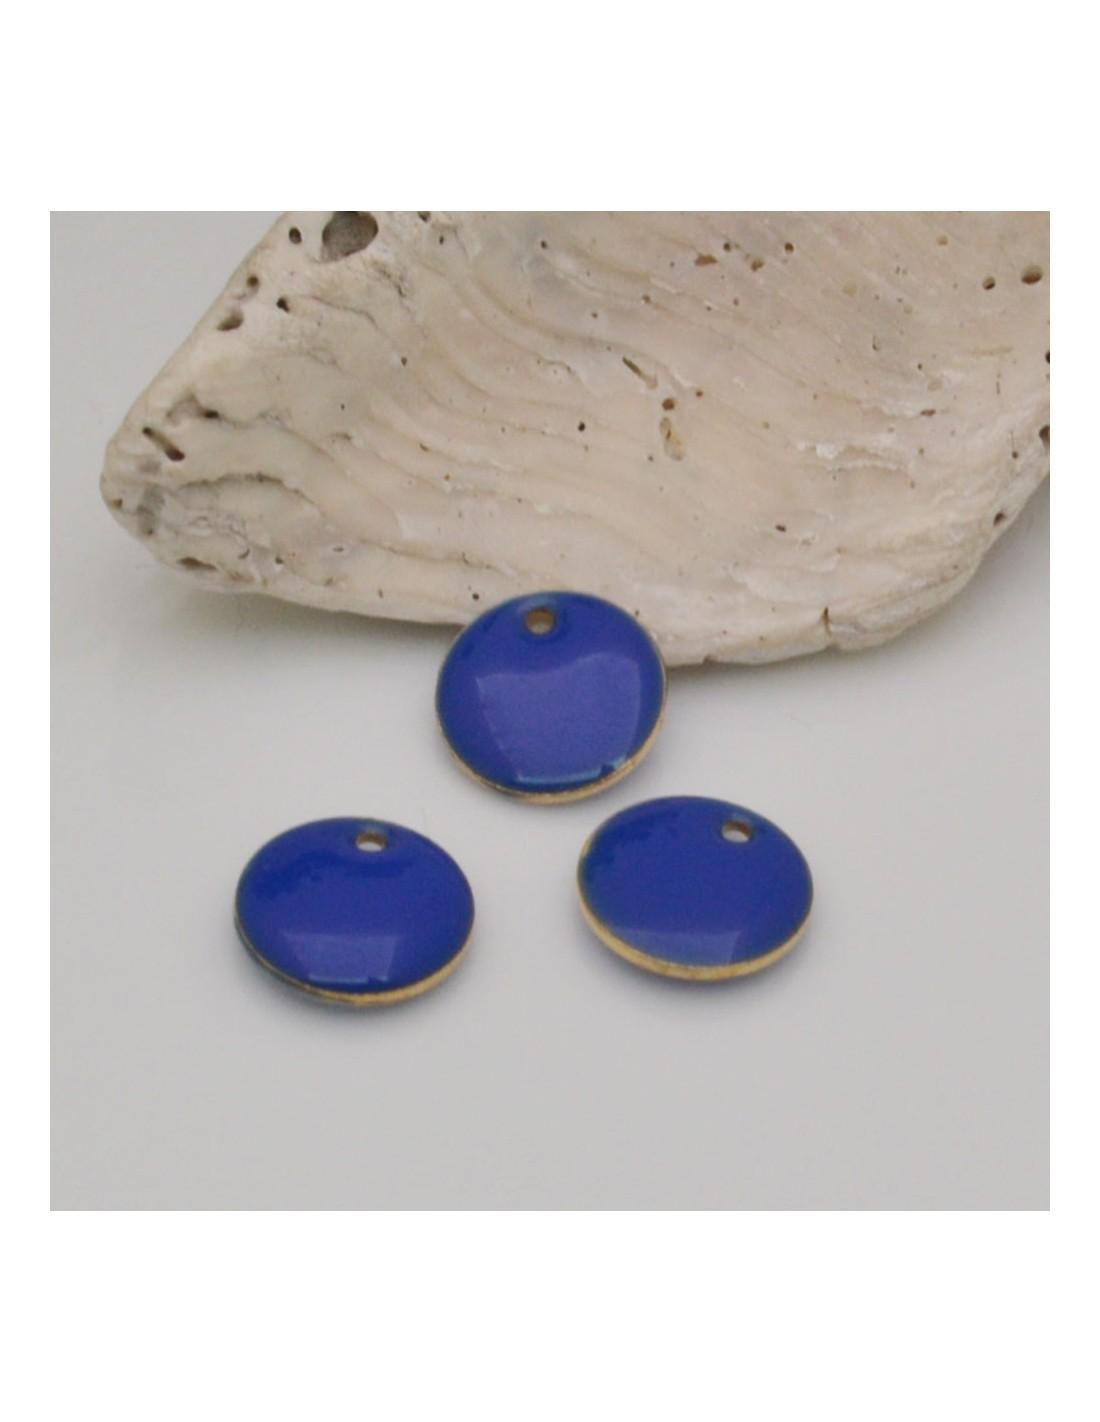 FANTASIE ZOE soutien-gorge Smokey Bleu Soutien-gorge baleiné Rembourré Pigeonnant T-shirt 9261 New